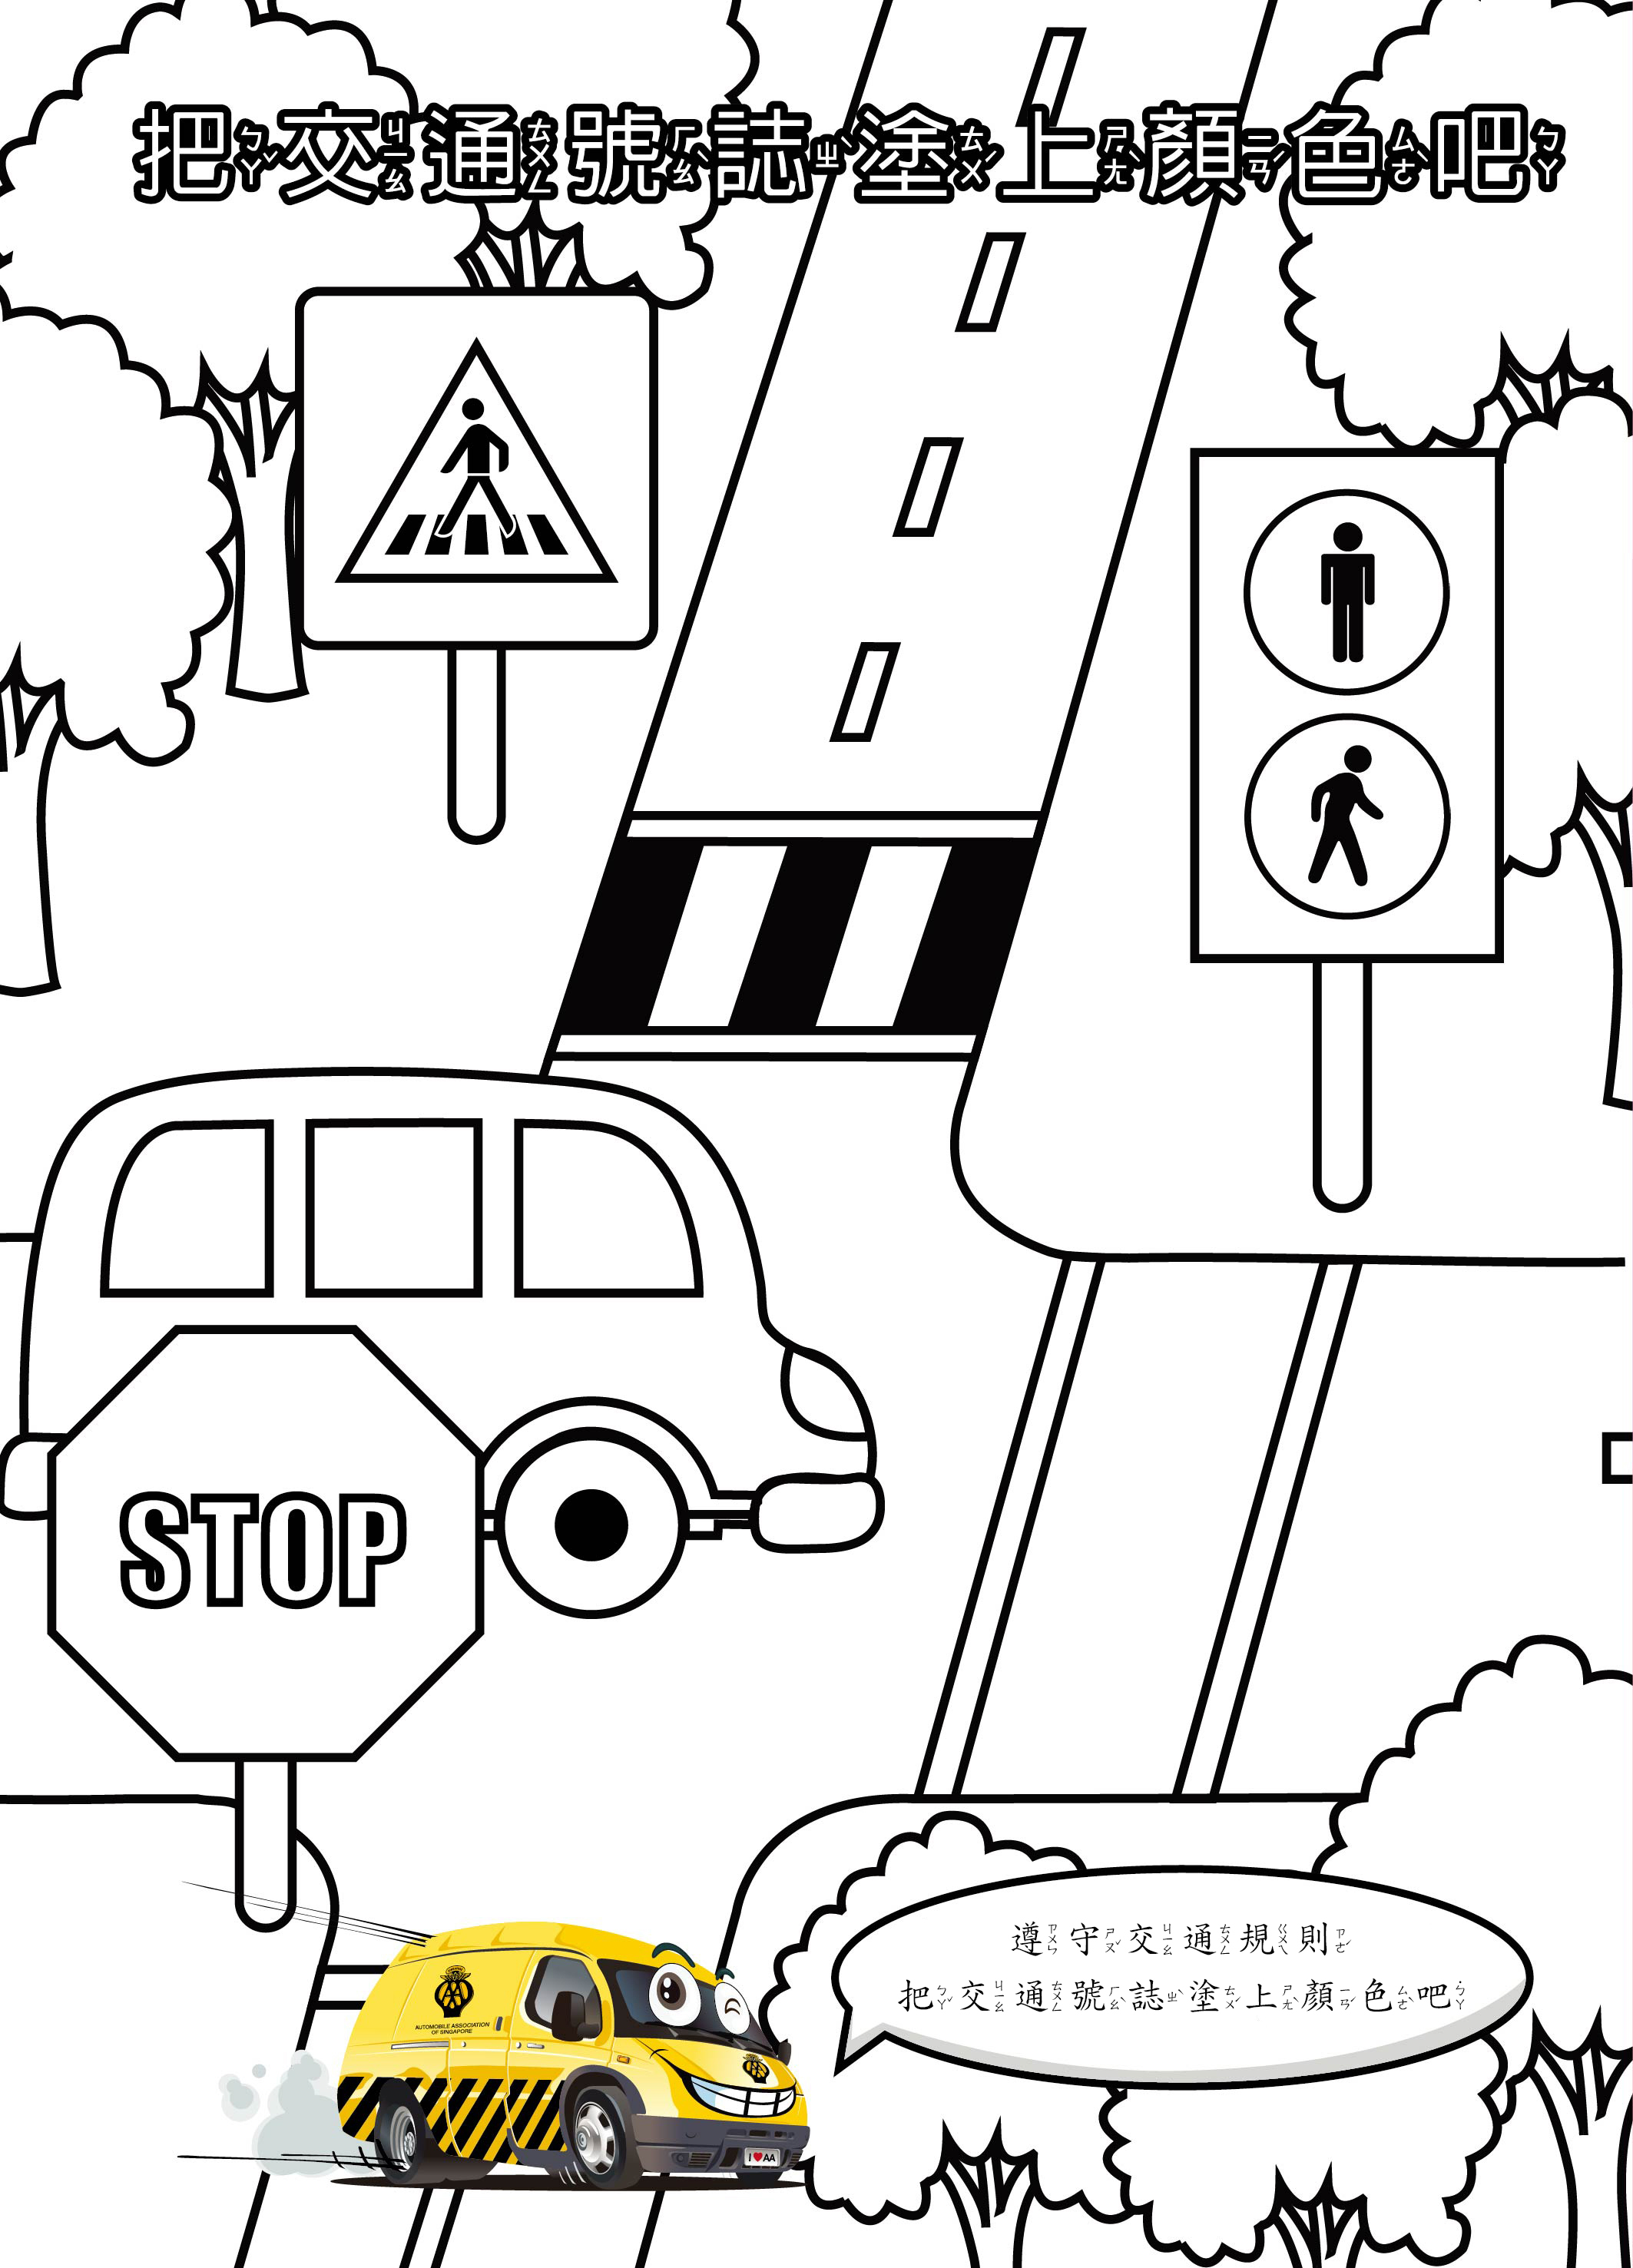 中華車會交通安全圖畫紙05.JPG